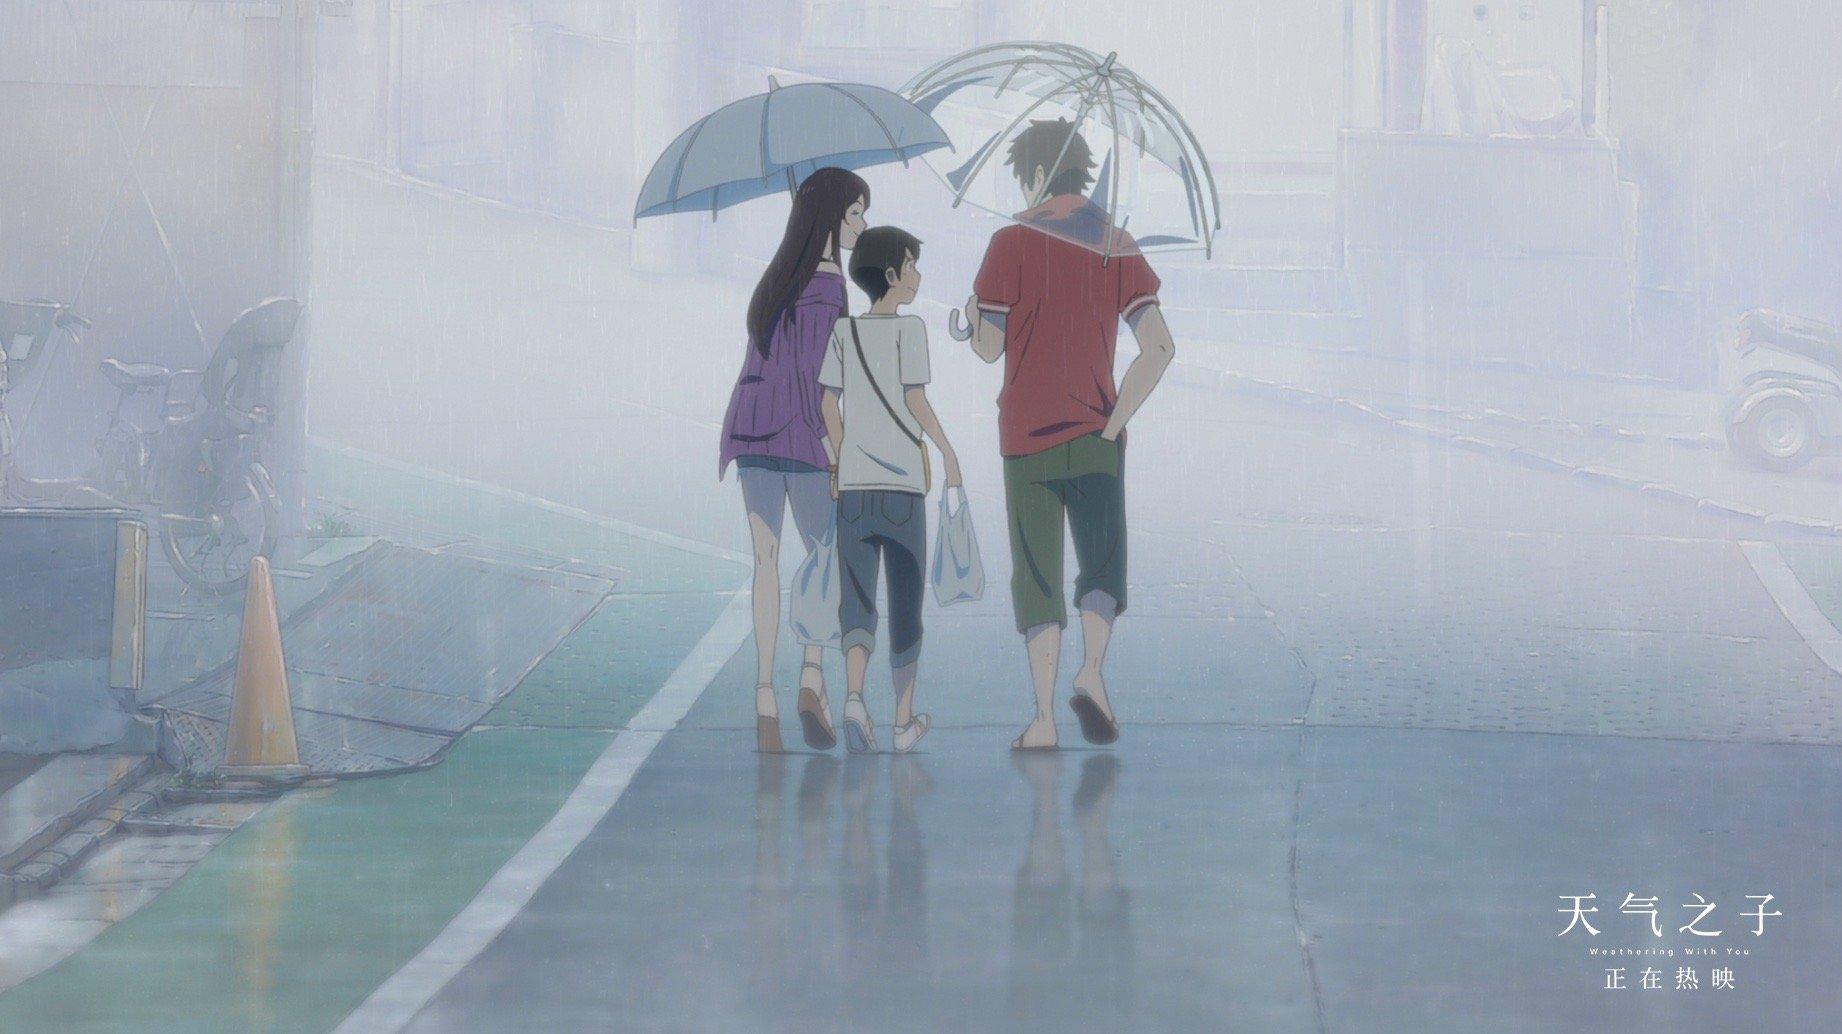 天气之子动漫人物壁纸